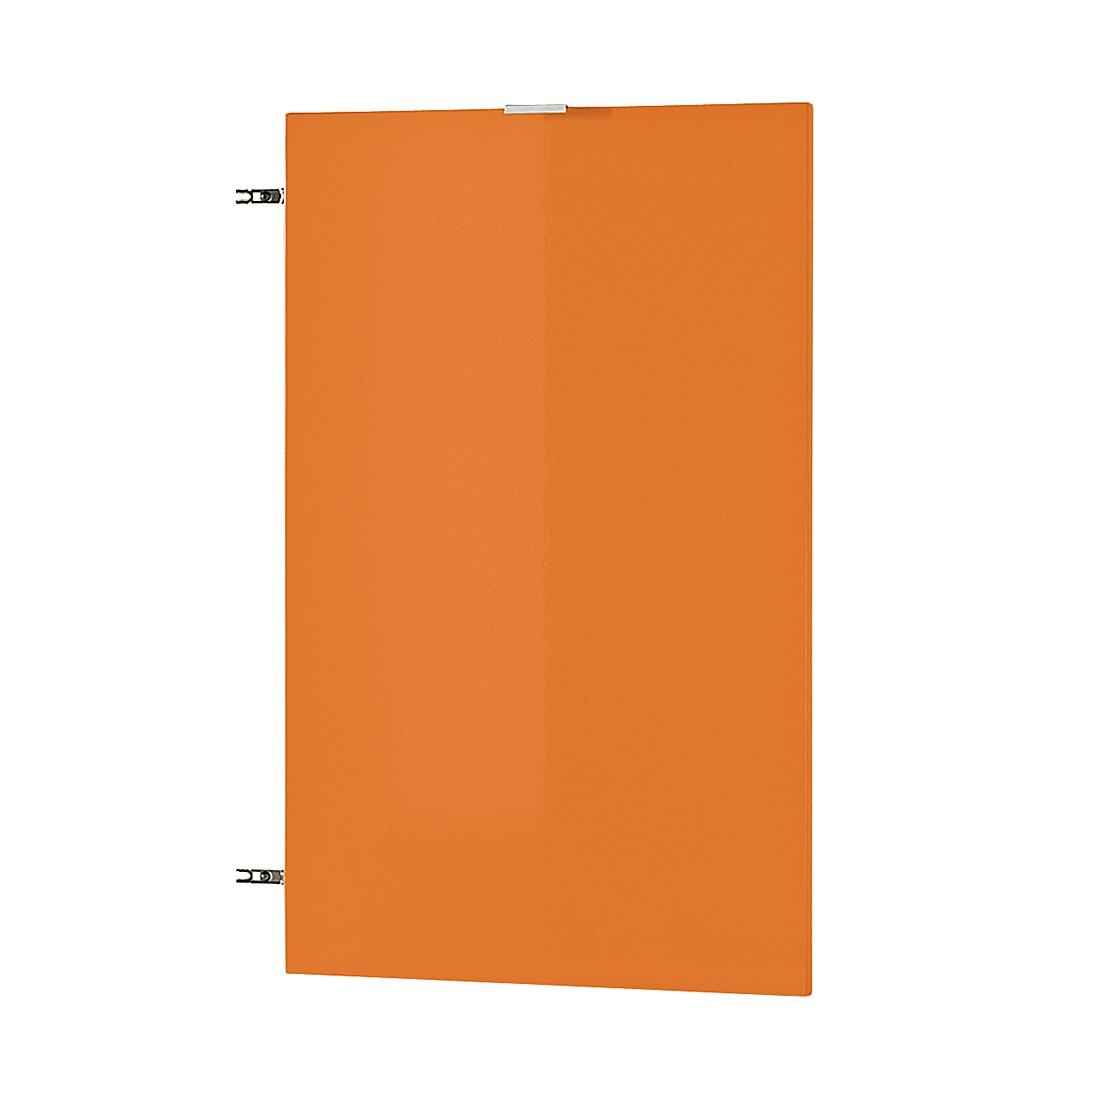 Image of Anta Colorado (con ripiano) - Arancione lucido, Germania